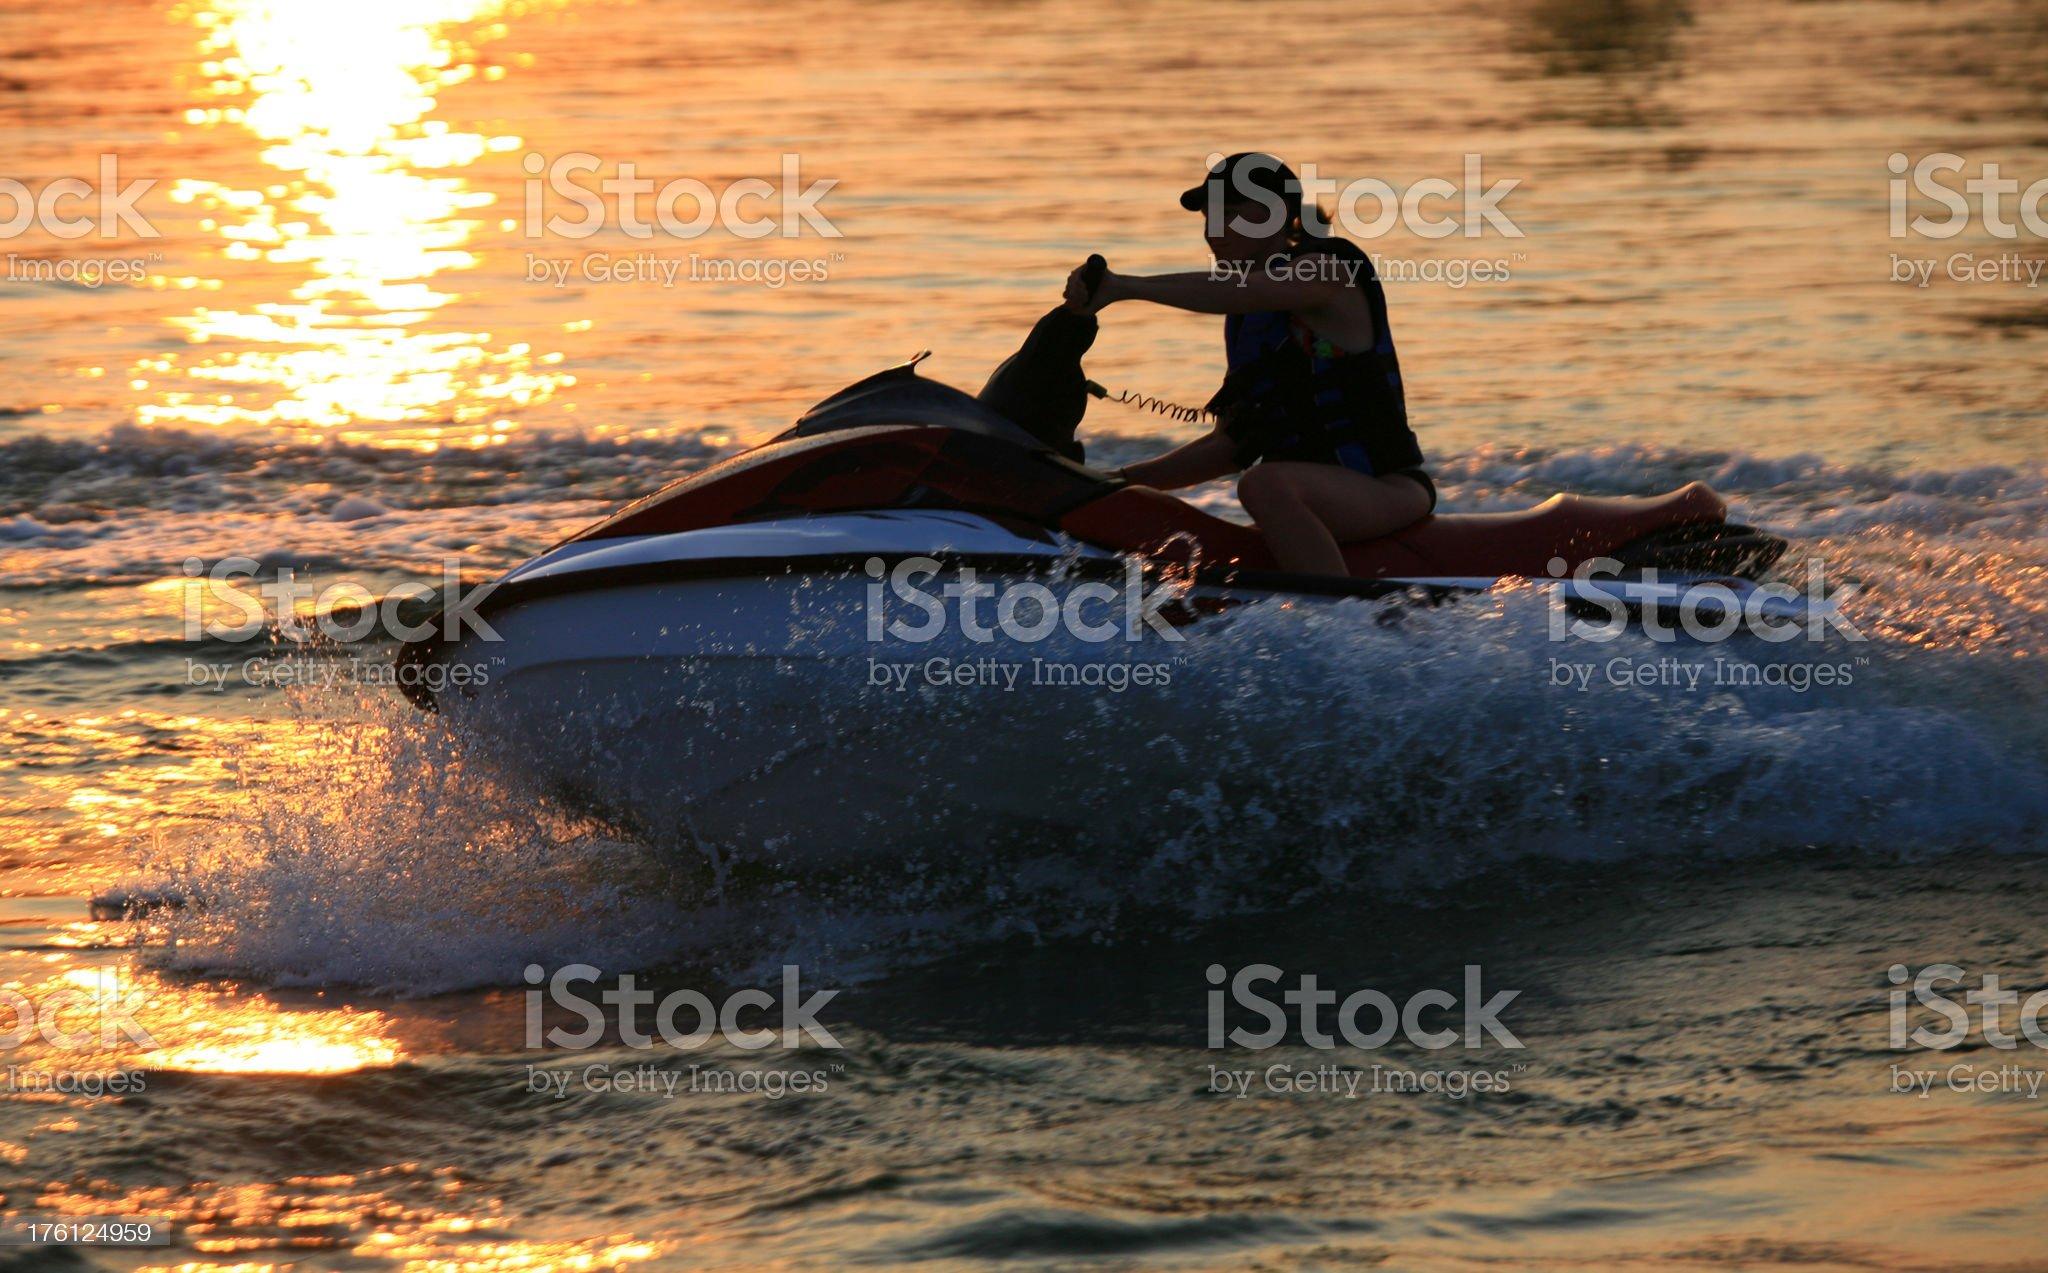 Woman on Jet Ski royalty-free stock photo